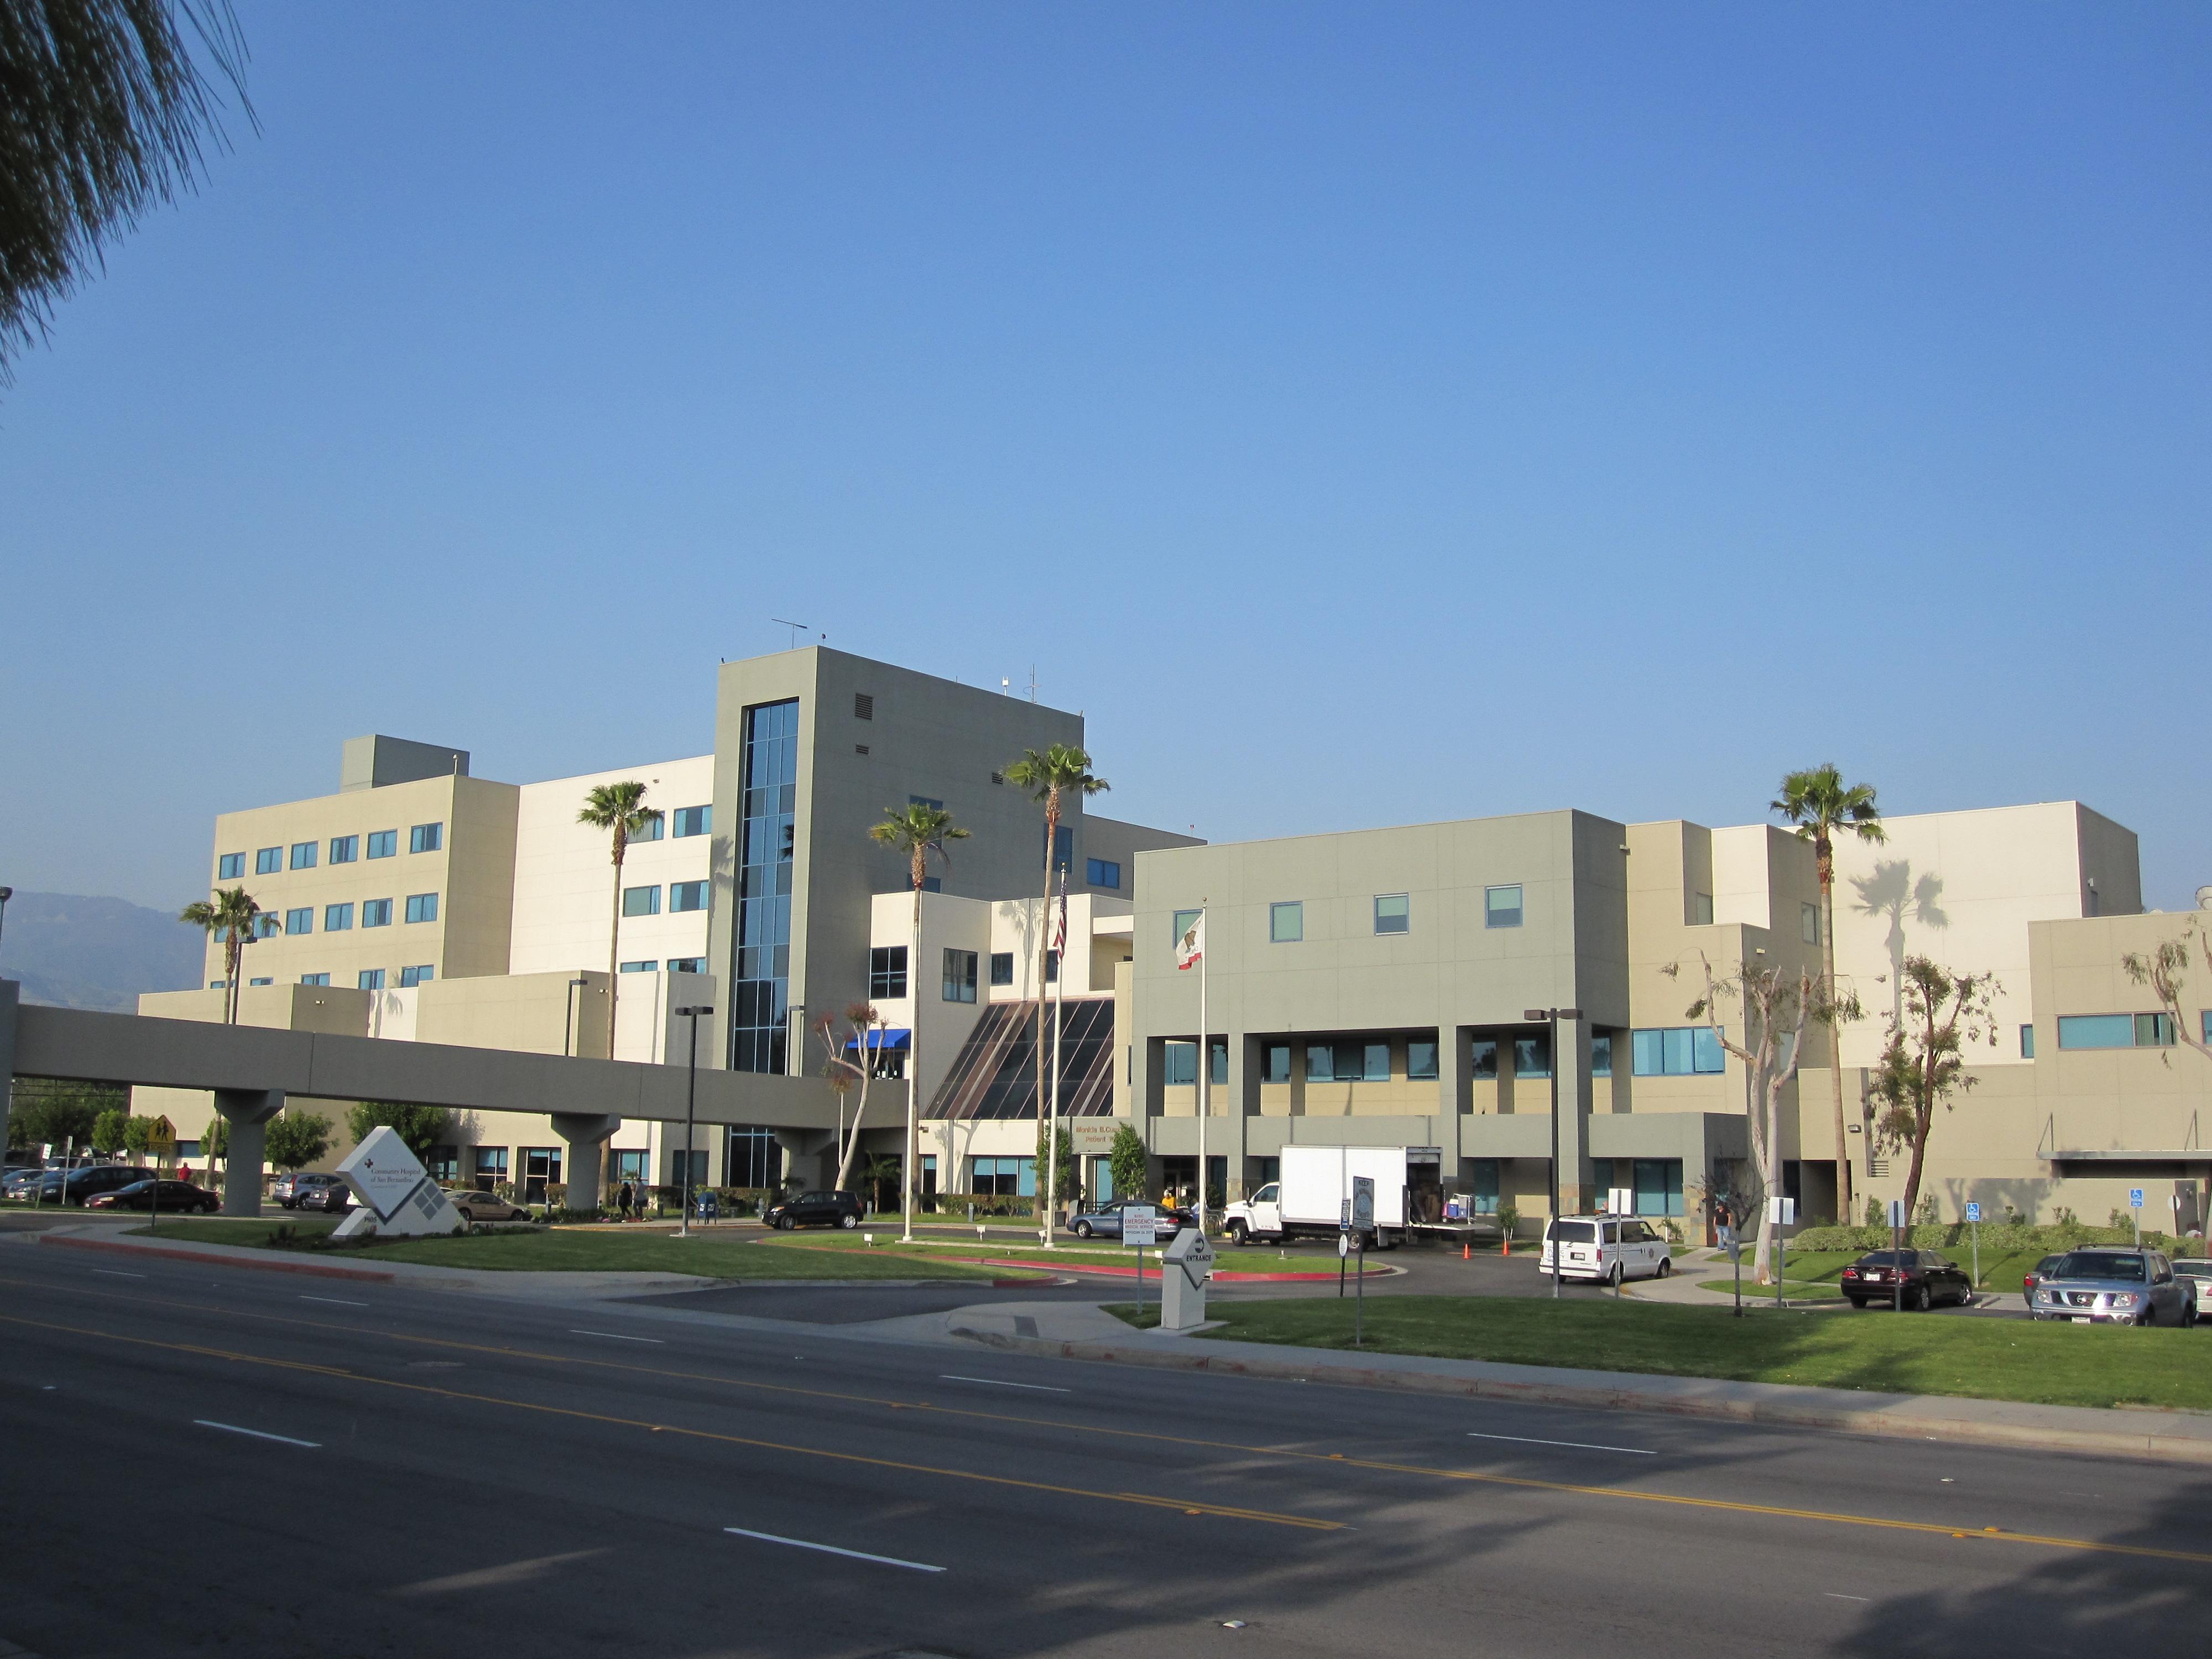 Rialto, California community image